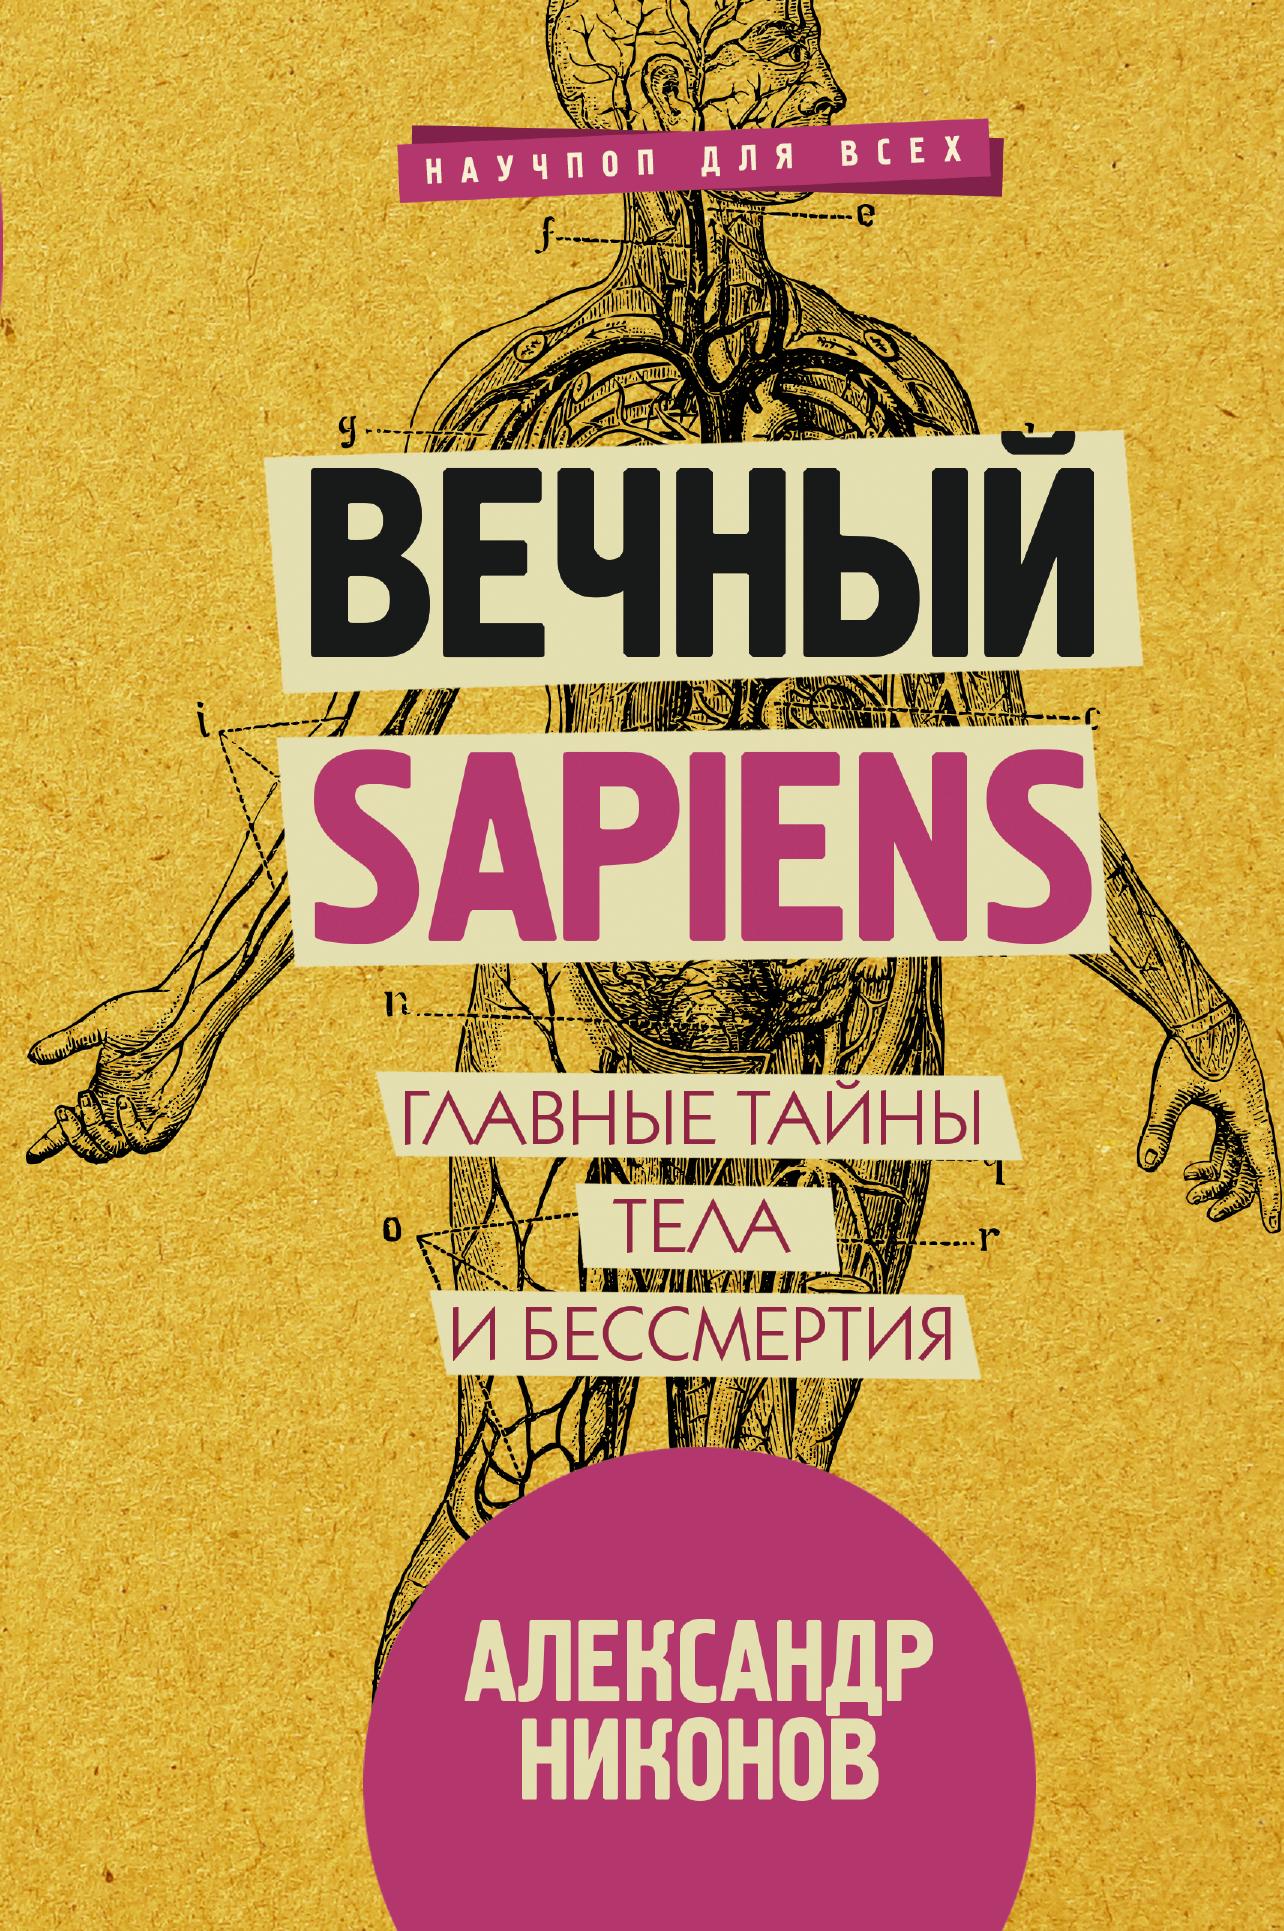 Вечный sapiens. Главные тайны тела и бессмертия ( Александр Никонов  )